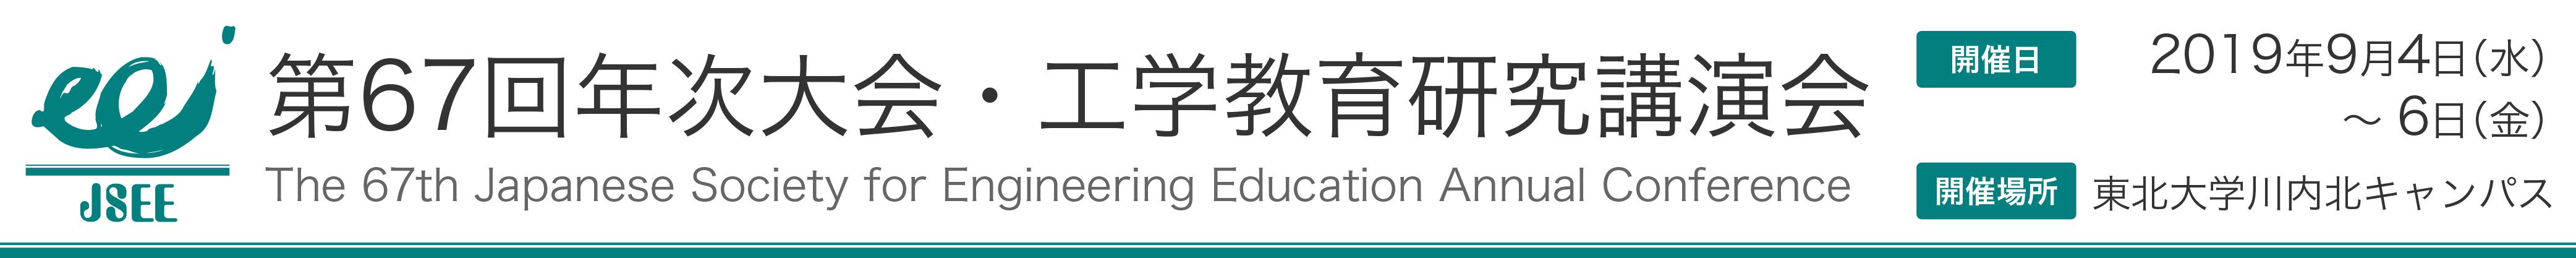 公益社団法人 日本工学教育協会